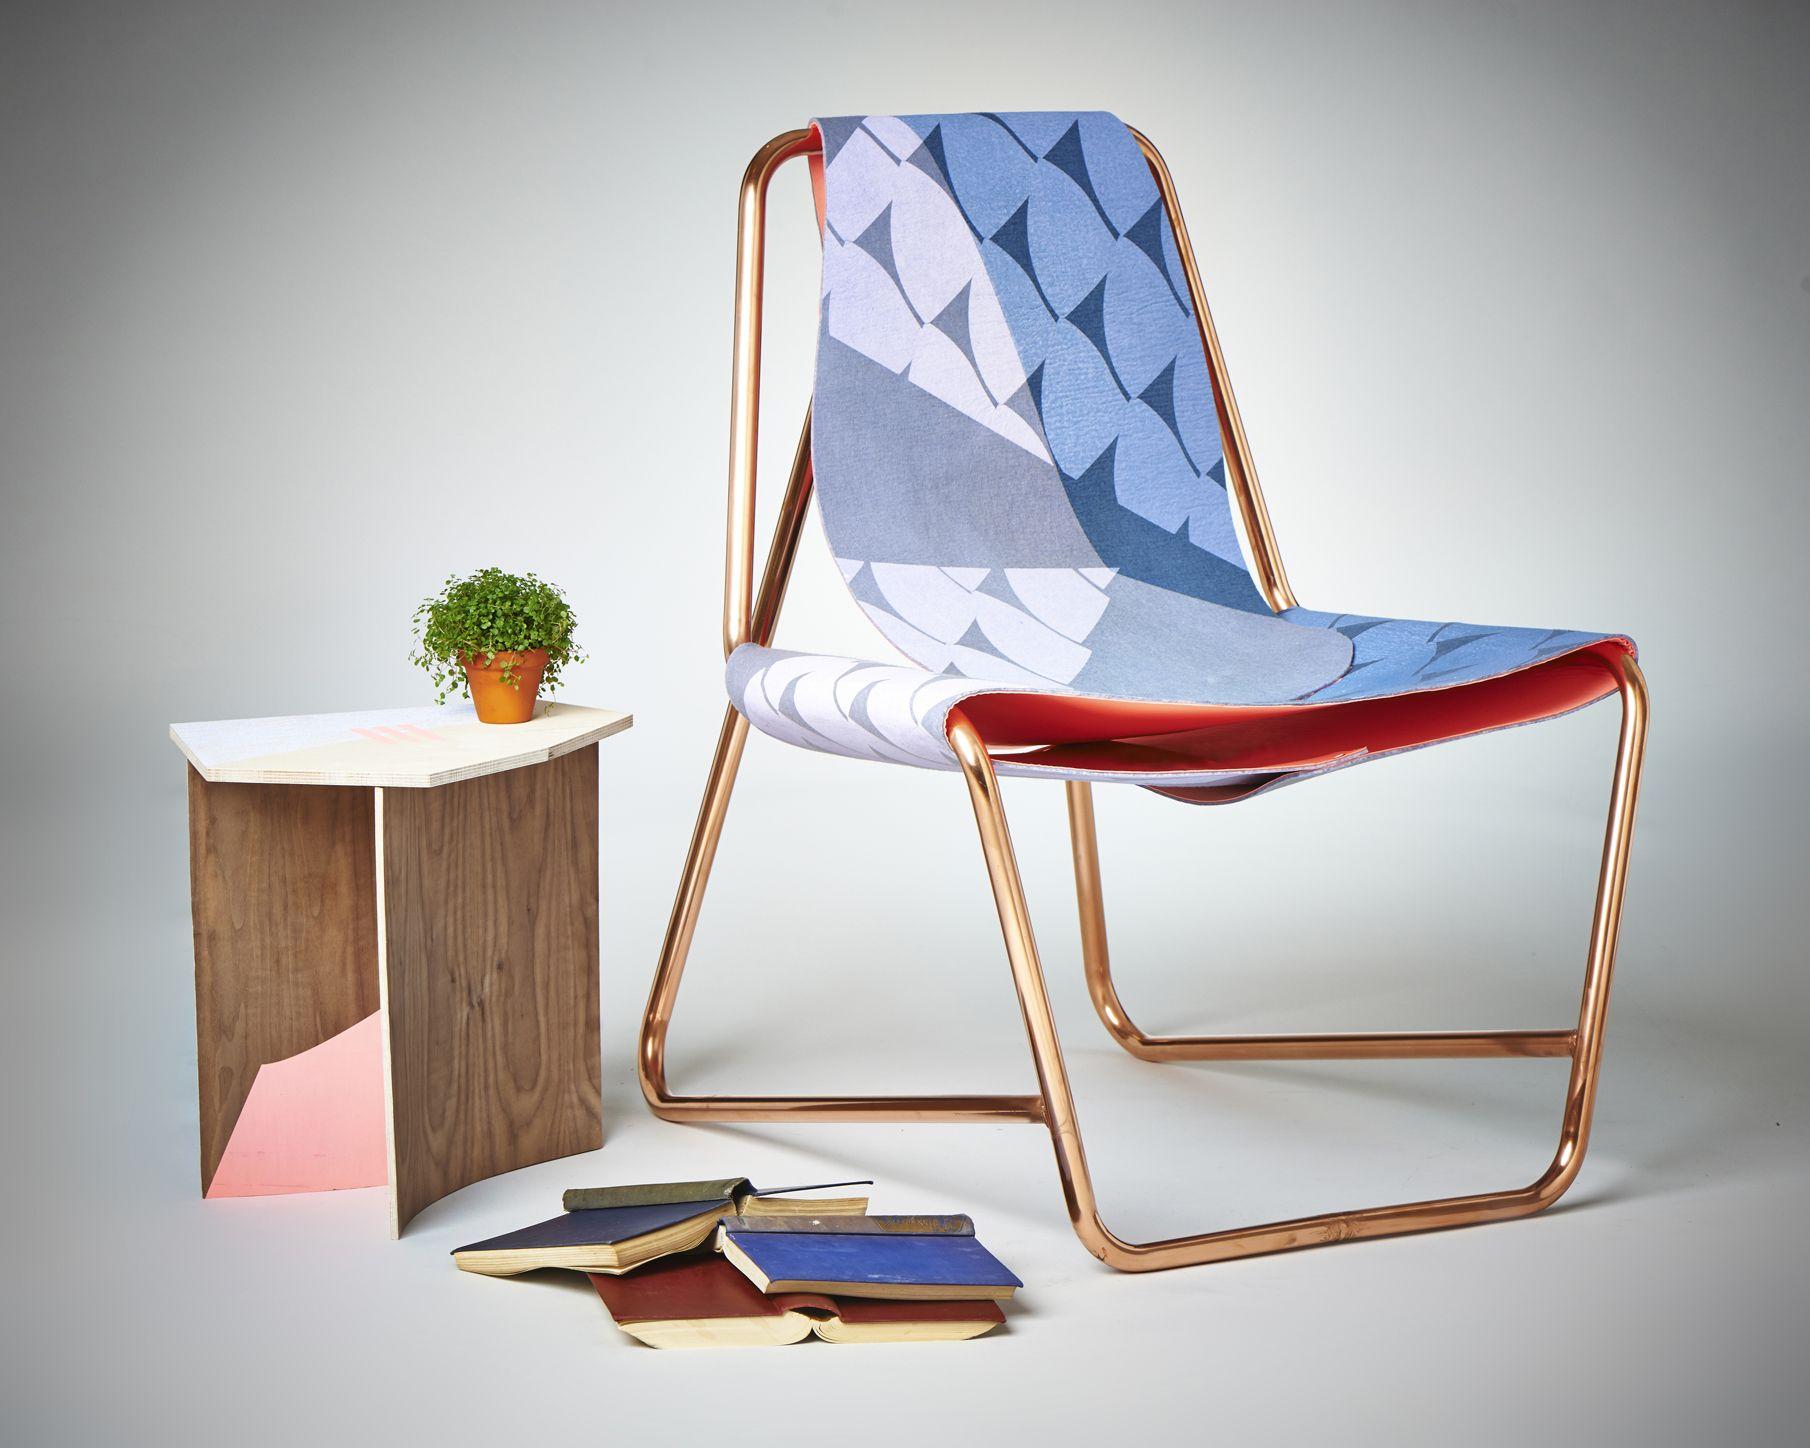 Vestire Le Sedie.Sedia Di Design Da Vestire Furniture Design Sedie